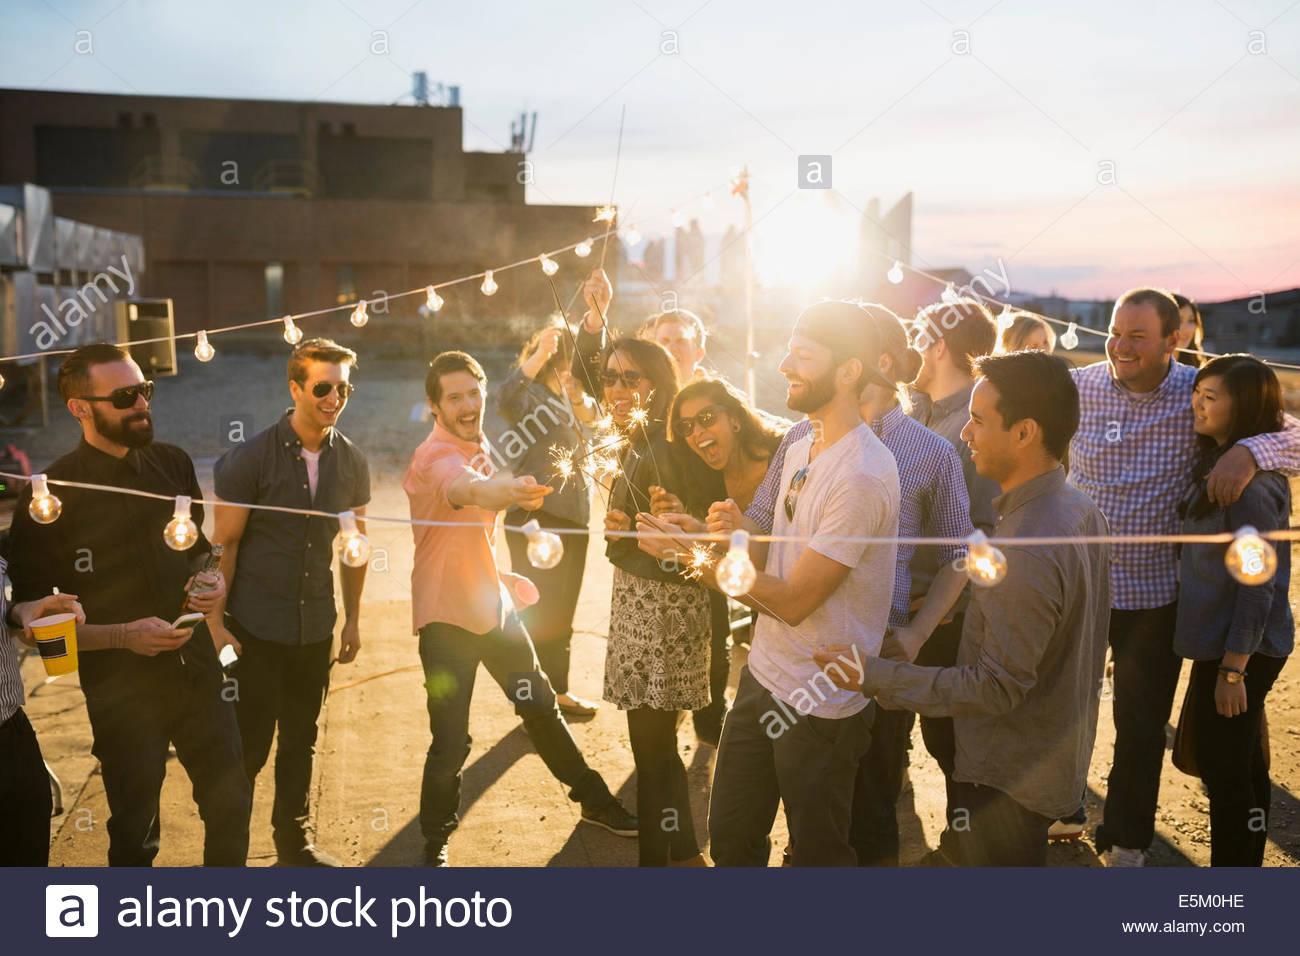 Amis avec les étinceleurs bénéficiant d'urban rooftop party Photo Stock